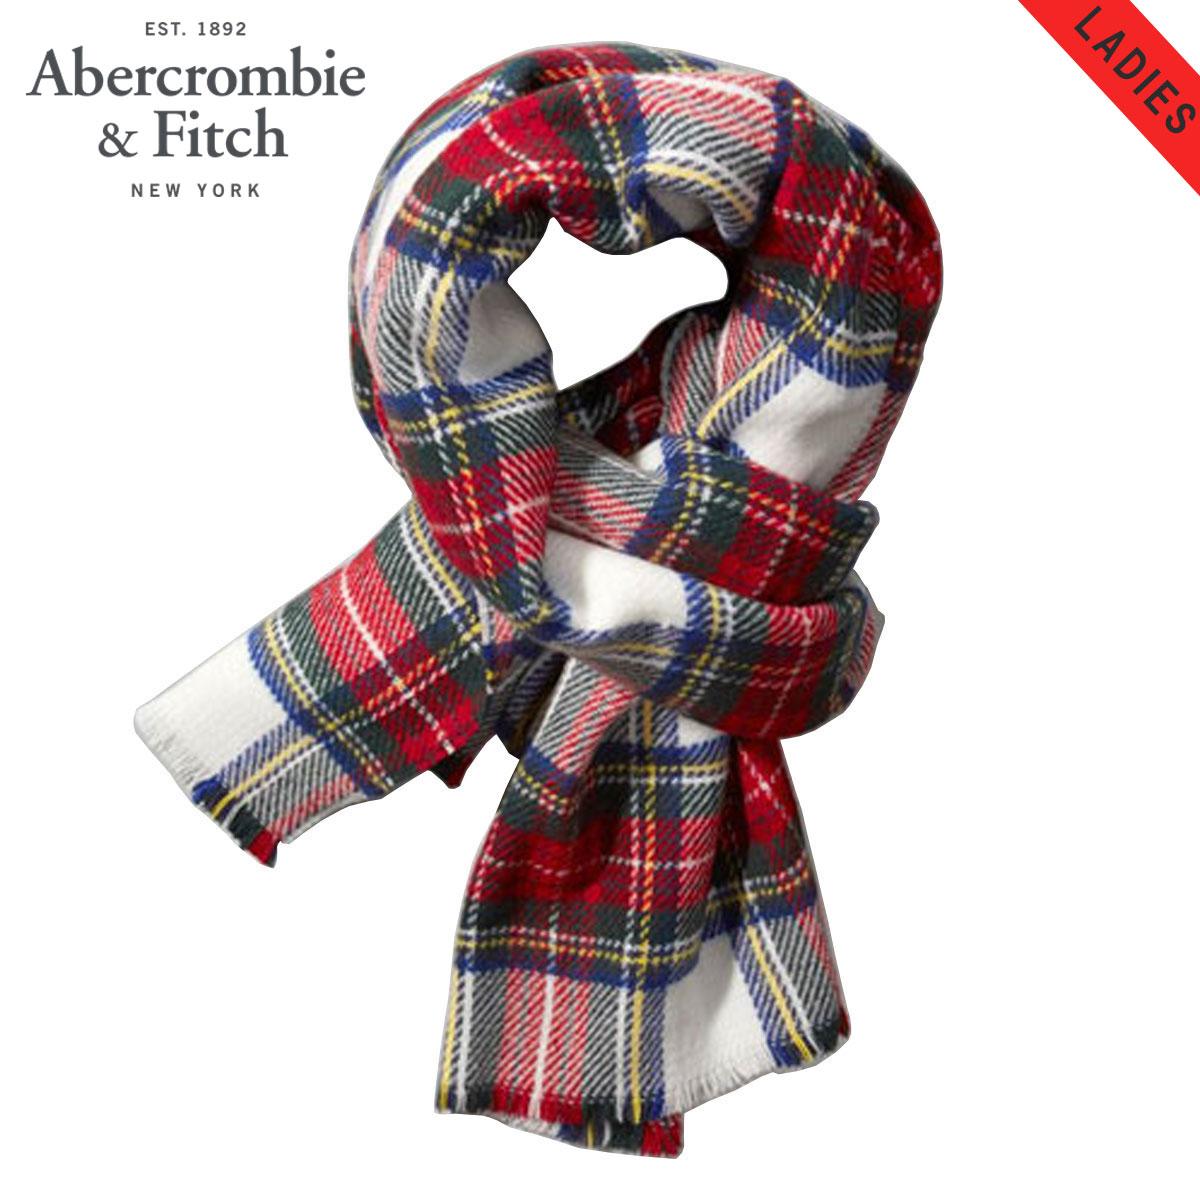 【販売期間 10/18 10:00〜10/26 1:59】 アバクロ Abercrombie&Fitch 正規品 スカーフ TheBlanketScarf 154-540-0326-009 D15S25